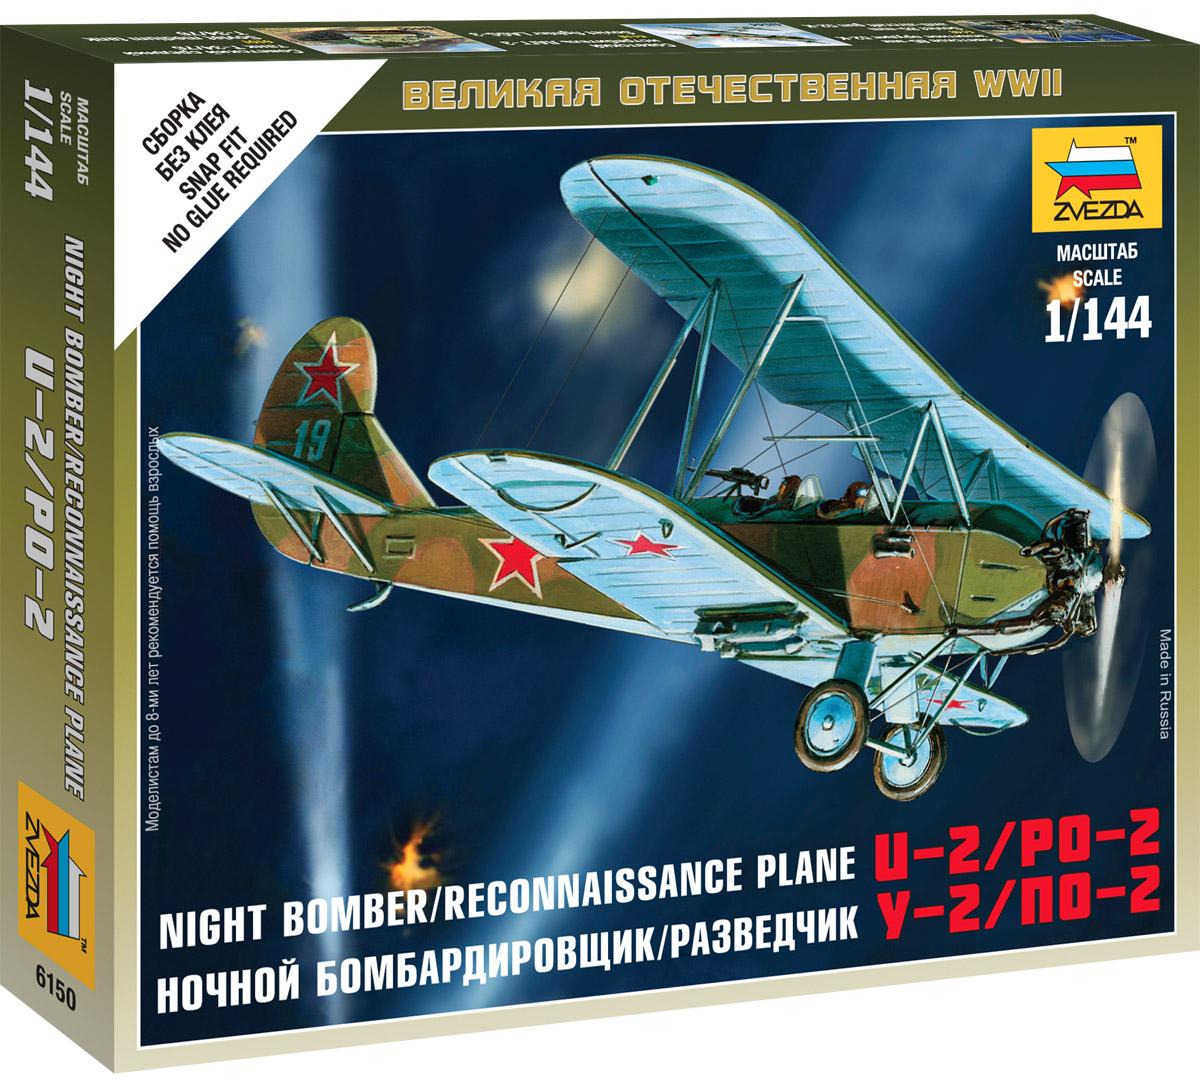 Звезда Сборная модель Самолет ПО-26150Самолёт был создан в 1928 году в КБ Николая Поликарпова. Изначально самолёт носил название У-2, т.е. учебный -2, так как по техническому заданию, разрабатывался для обучения состава лётных школ. Лёгкий, манёвренный и надёжный биплан сразу же полюбился молодым лётчикам. Отличное управление и жизнестойкость конструкции дополнялись дешёвизной производства. Все будущие советские асы начинали свой лётный путь на У-2. Самолёт выпускался в разных модификациях, включая санитарный, верой и правдой служил в сельском хозяйстве. С началом Великой Отечественной войны У-2 массово переделывают в лёгкий ночной бомбардировщик. Простота конструкции позволяла производить данную операцию в полевых условиях. Самолёт получил бомбовую нагрузку в 250 кг, а также задний пулемёт ШКАС. В 1944 году, после смерти Николая Поликарпова, самолёт был переименован в По-2. Тактика лёгких бомбардировщиков была следующая: машины подходили к линии фронта на малом газе, после ...